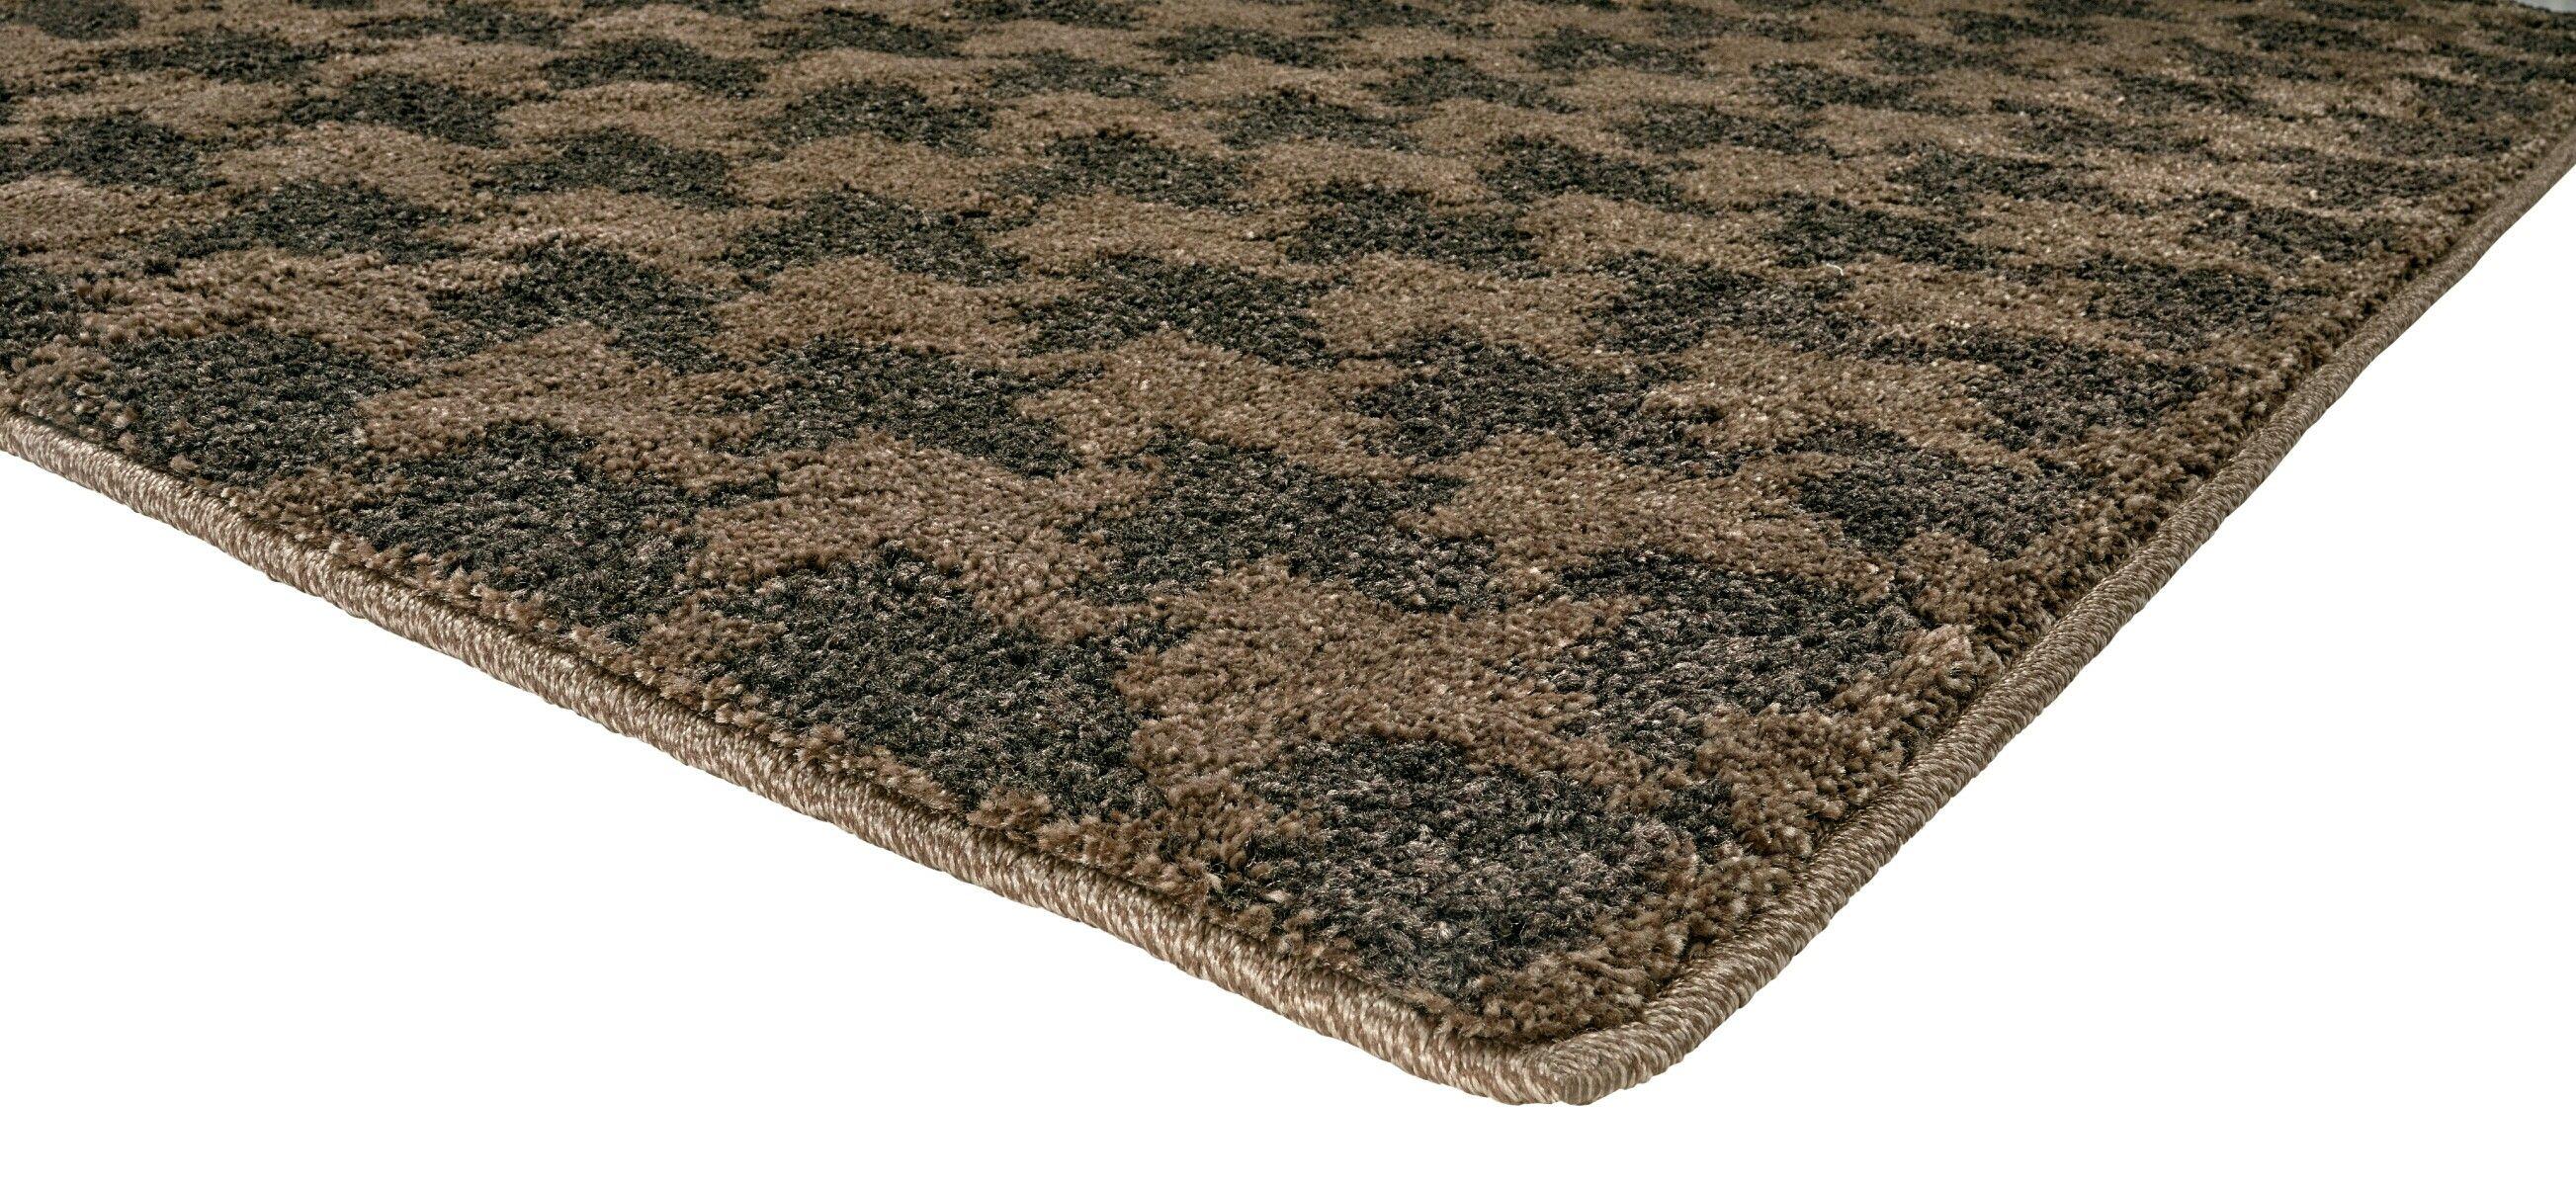 SITAP Carpet Couture Italia Collezioni mydesign Tappeti